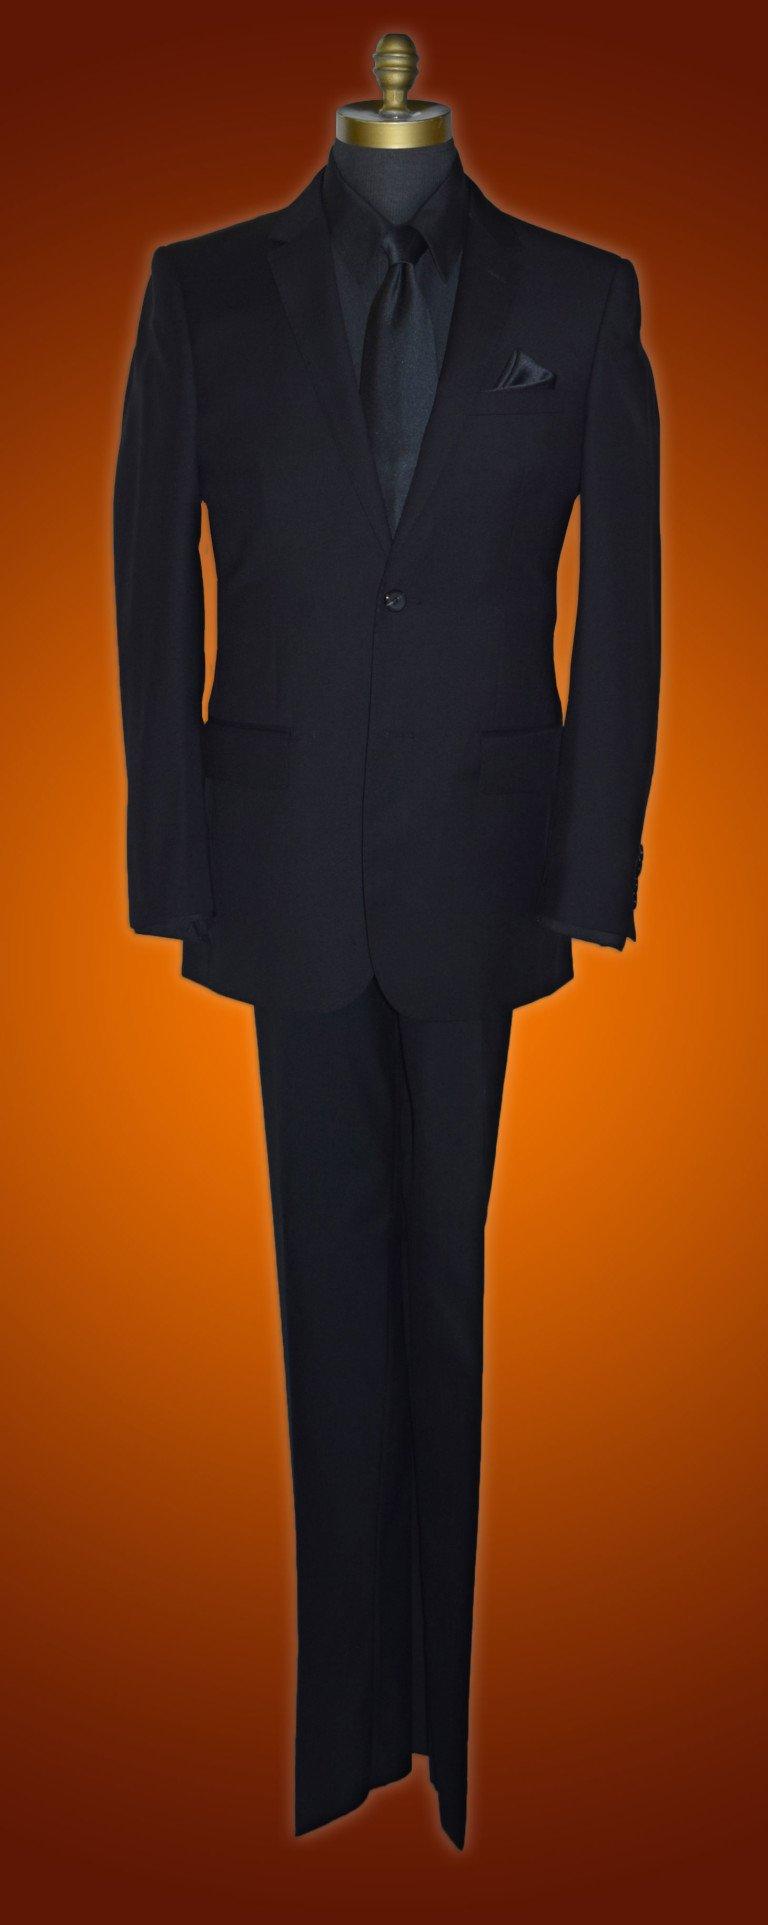 All Black Tuxedo